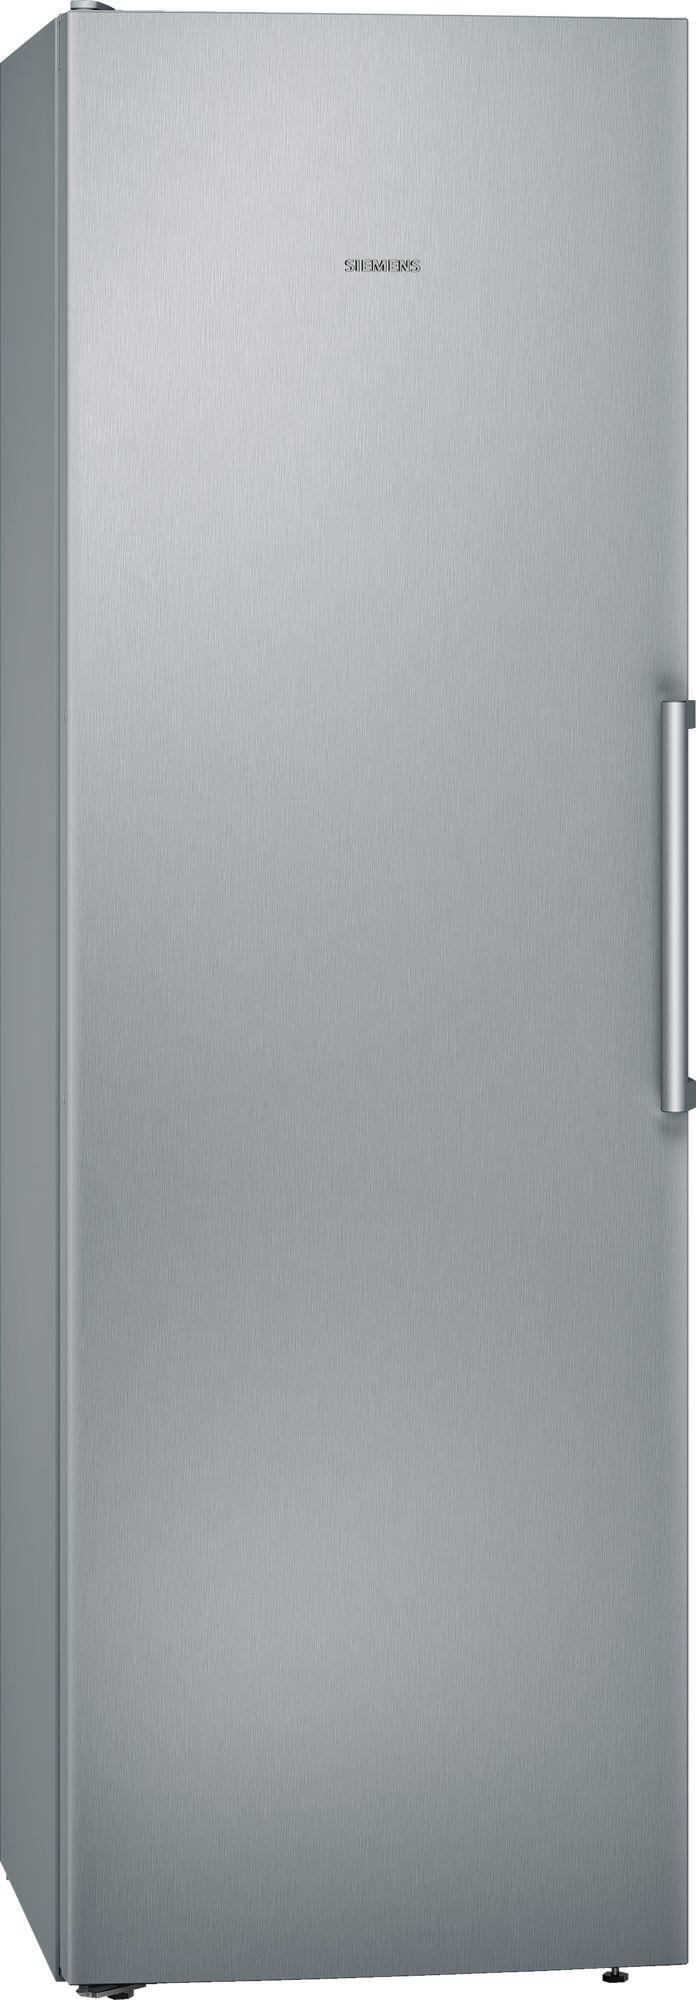 Image of iQ300 KS36VVIEPG 346 Litre Single Door Fridge | Silver Innox